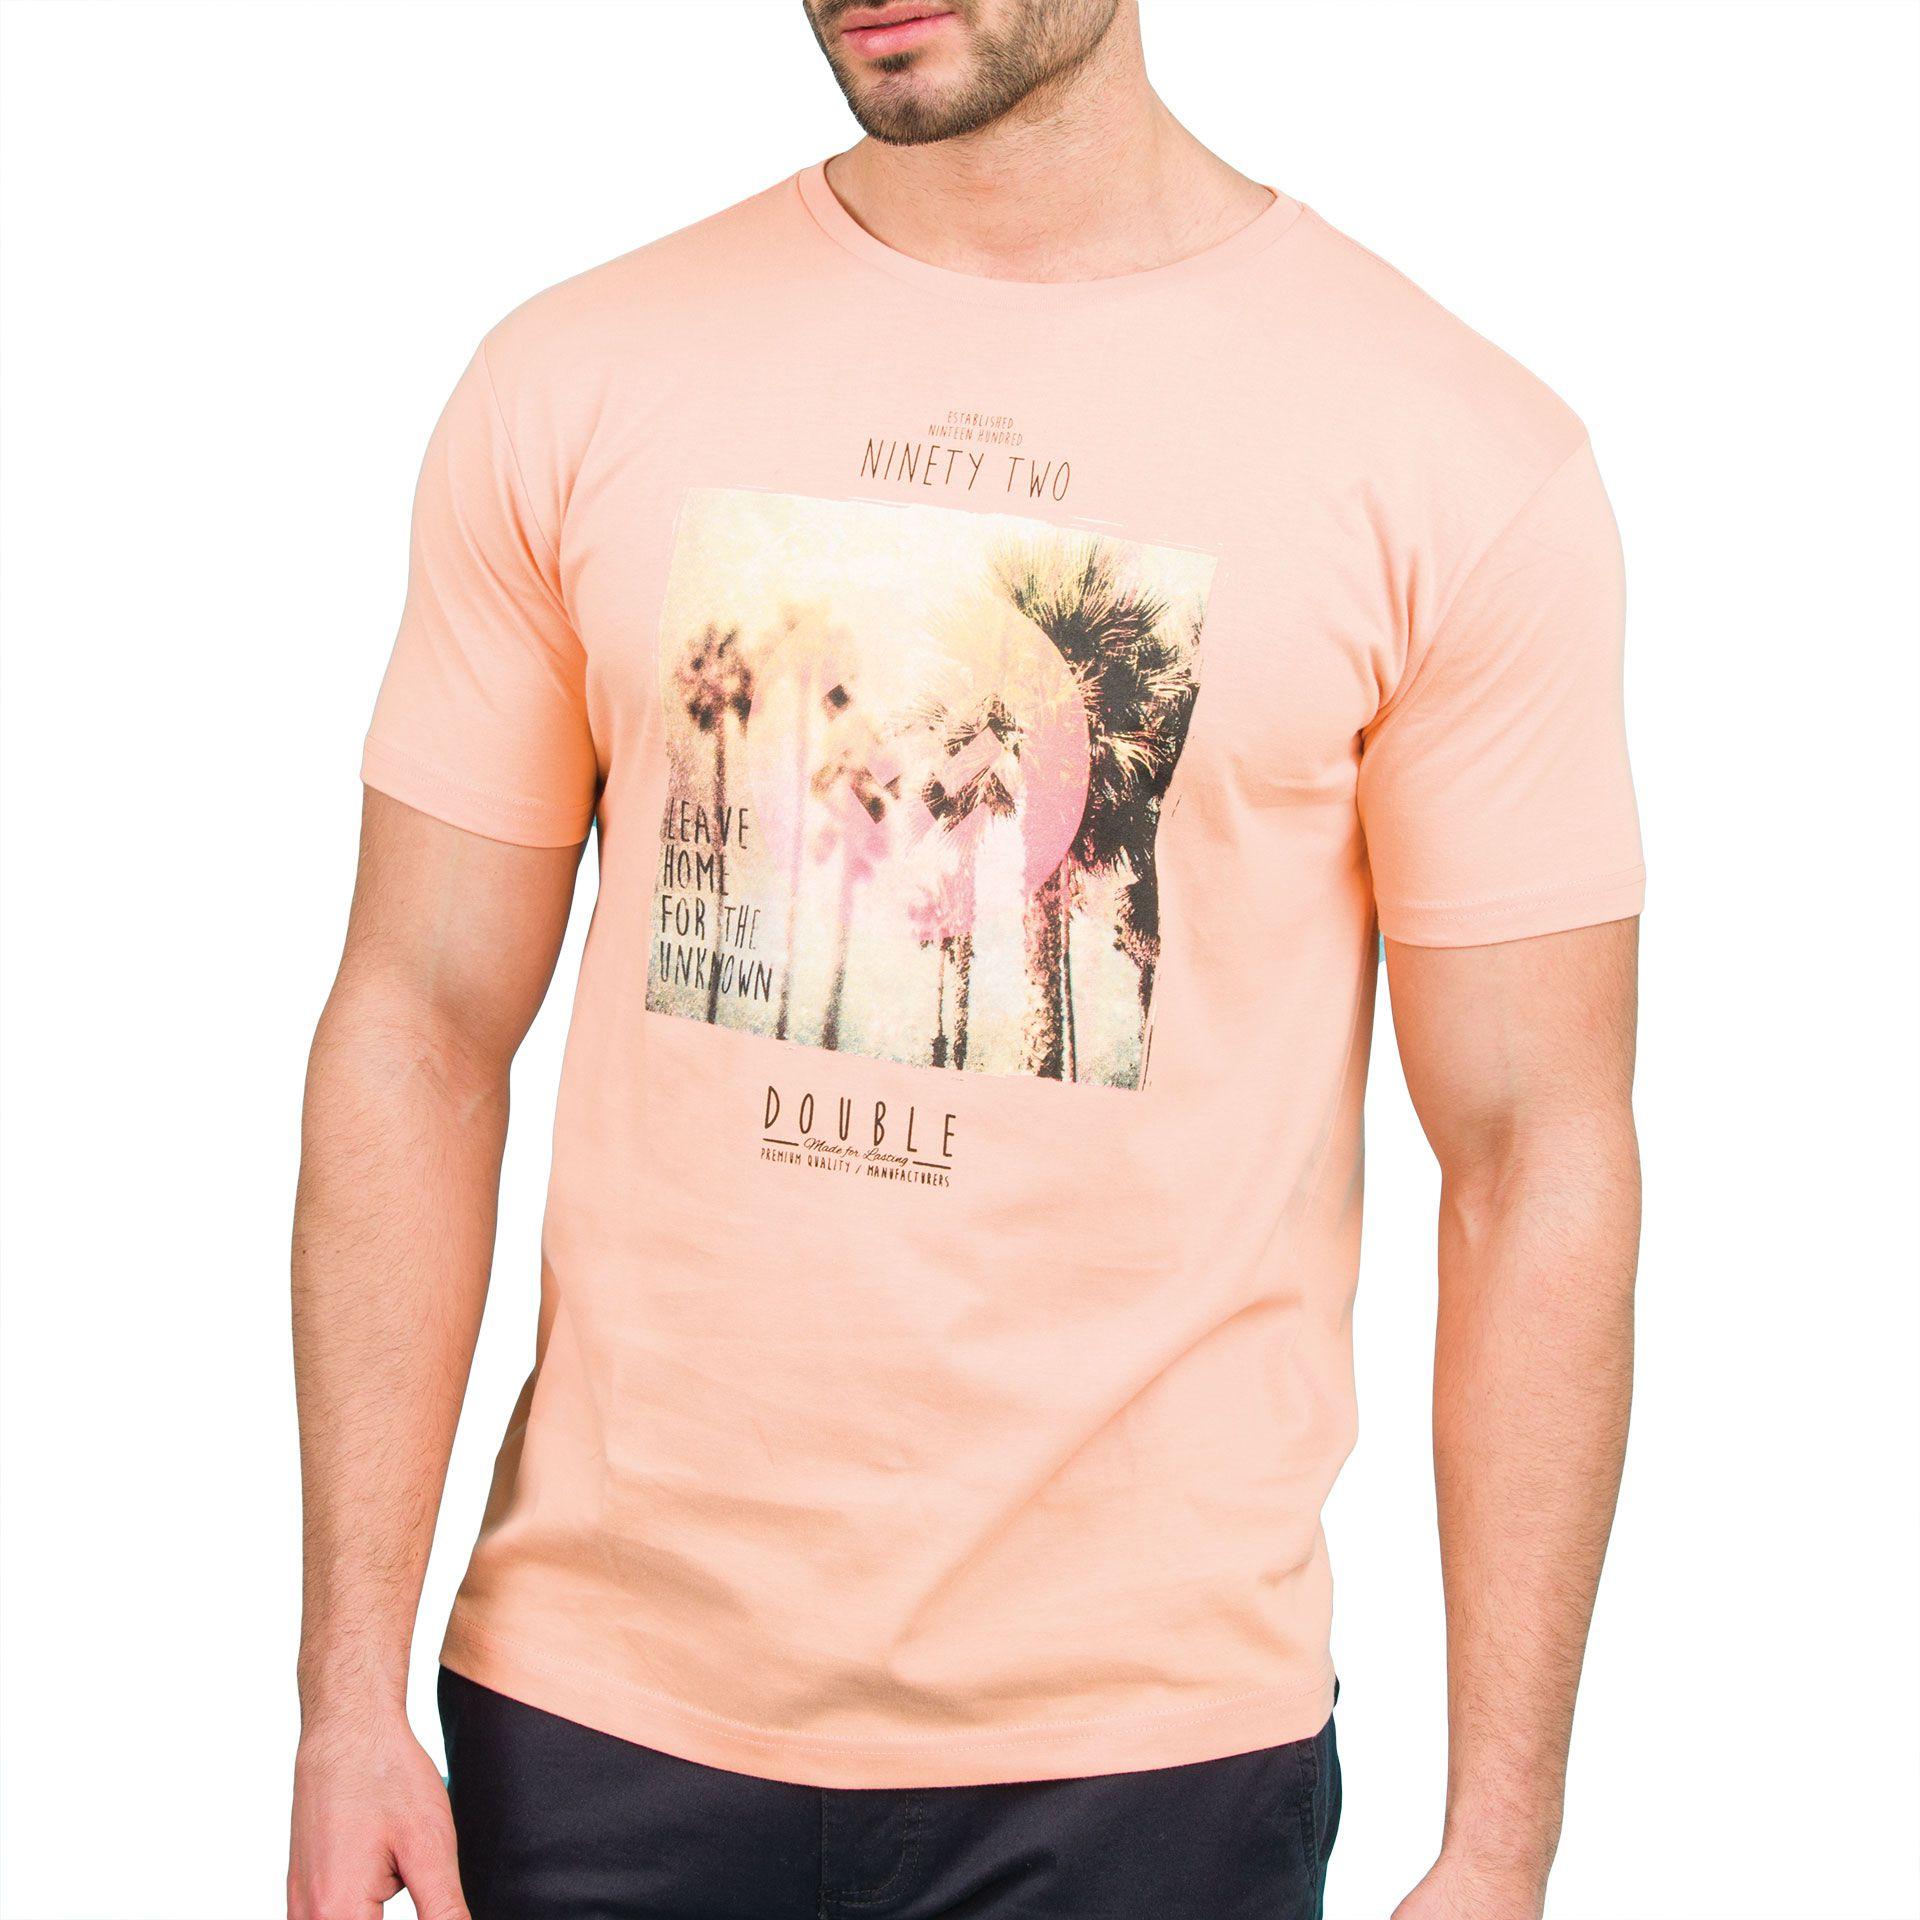 Ανδρική μπλούζα T-Shirt Double TS-36 Κοραλί